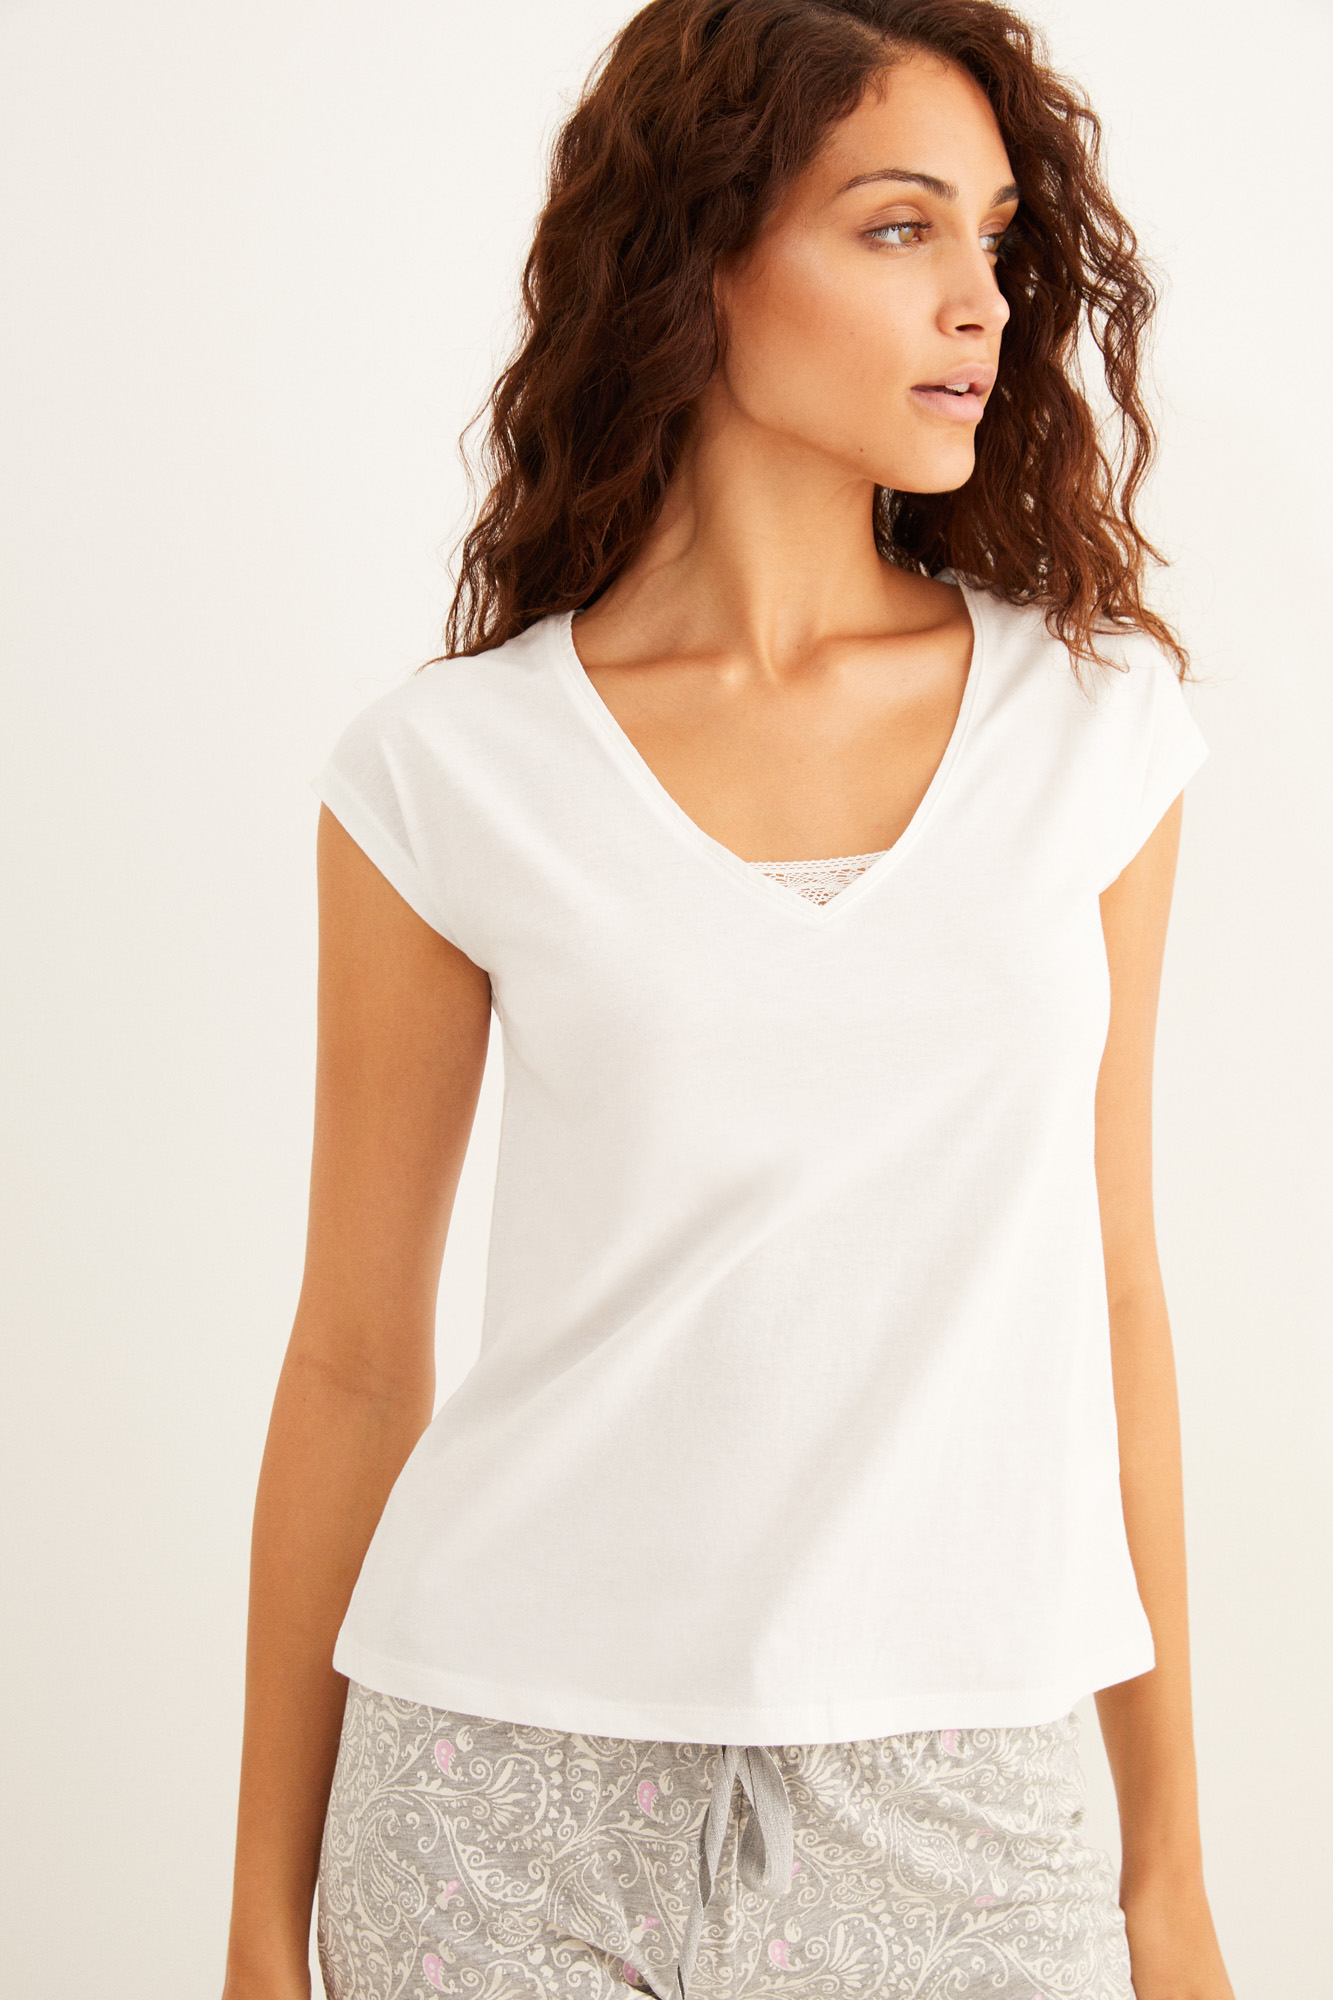 Camiseta blanca manga corta algodón detalle encaje